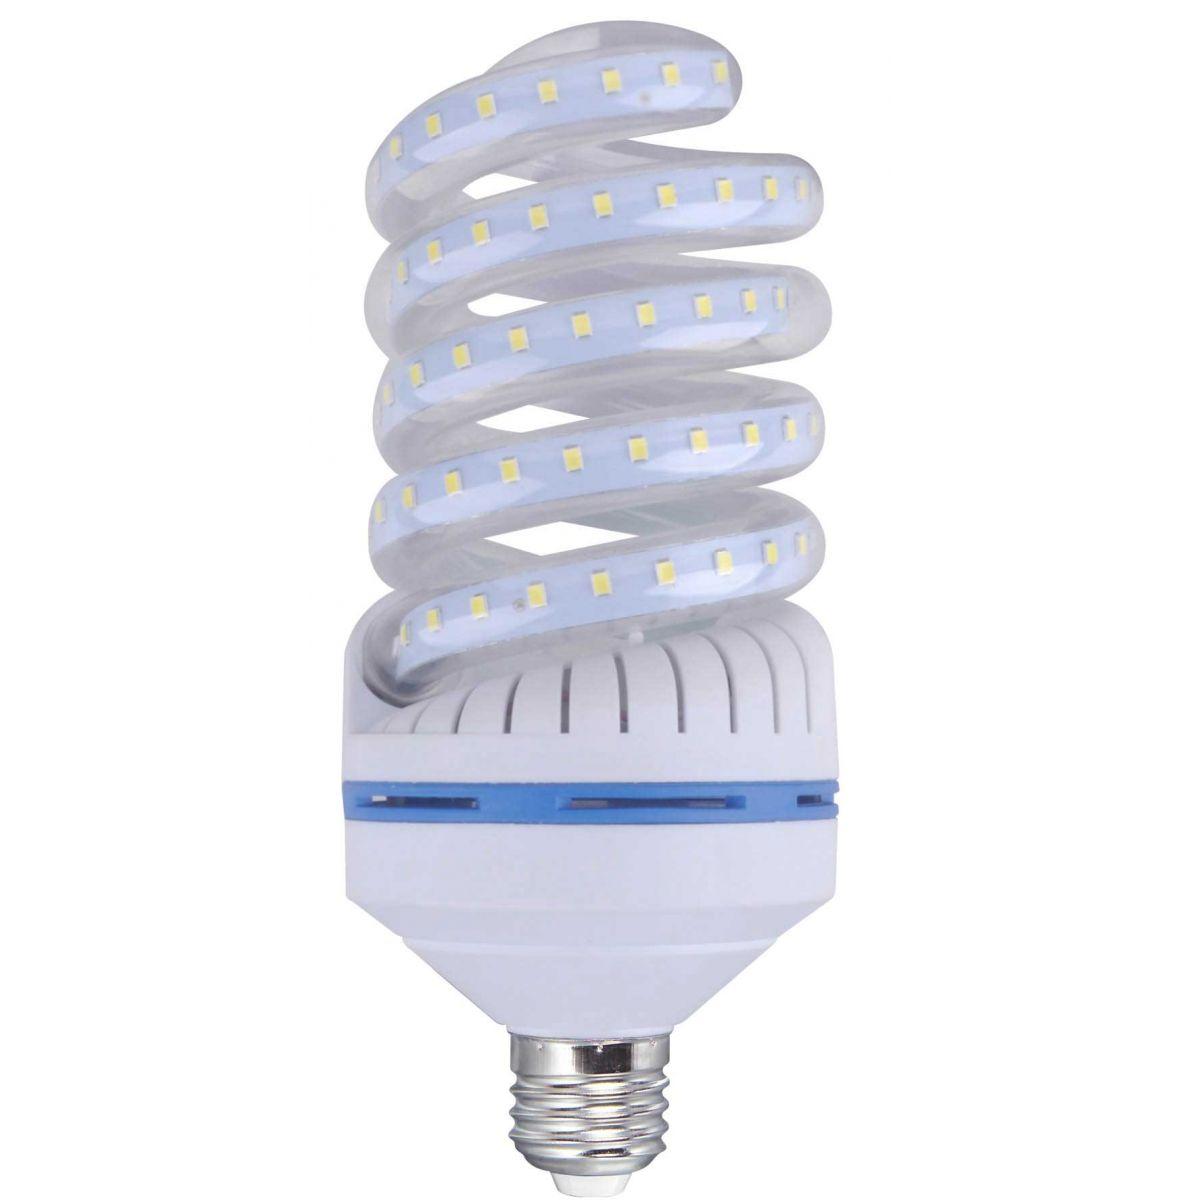 LÂMPADA COMPACTA ESPIRAL LED 24W 3000K EMBU LED